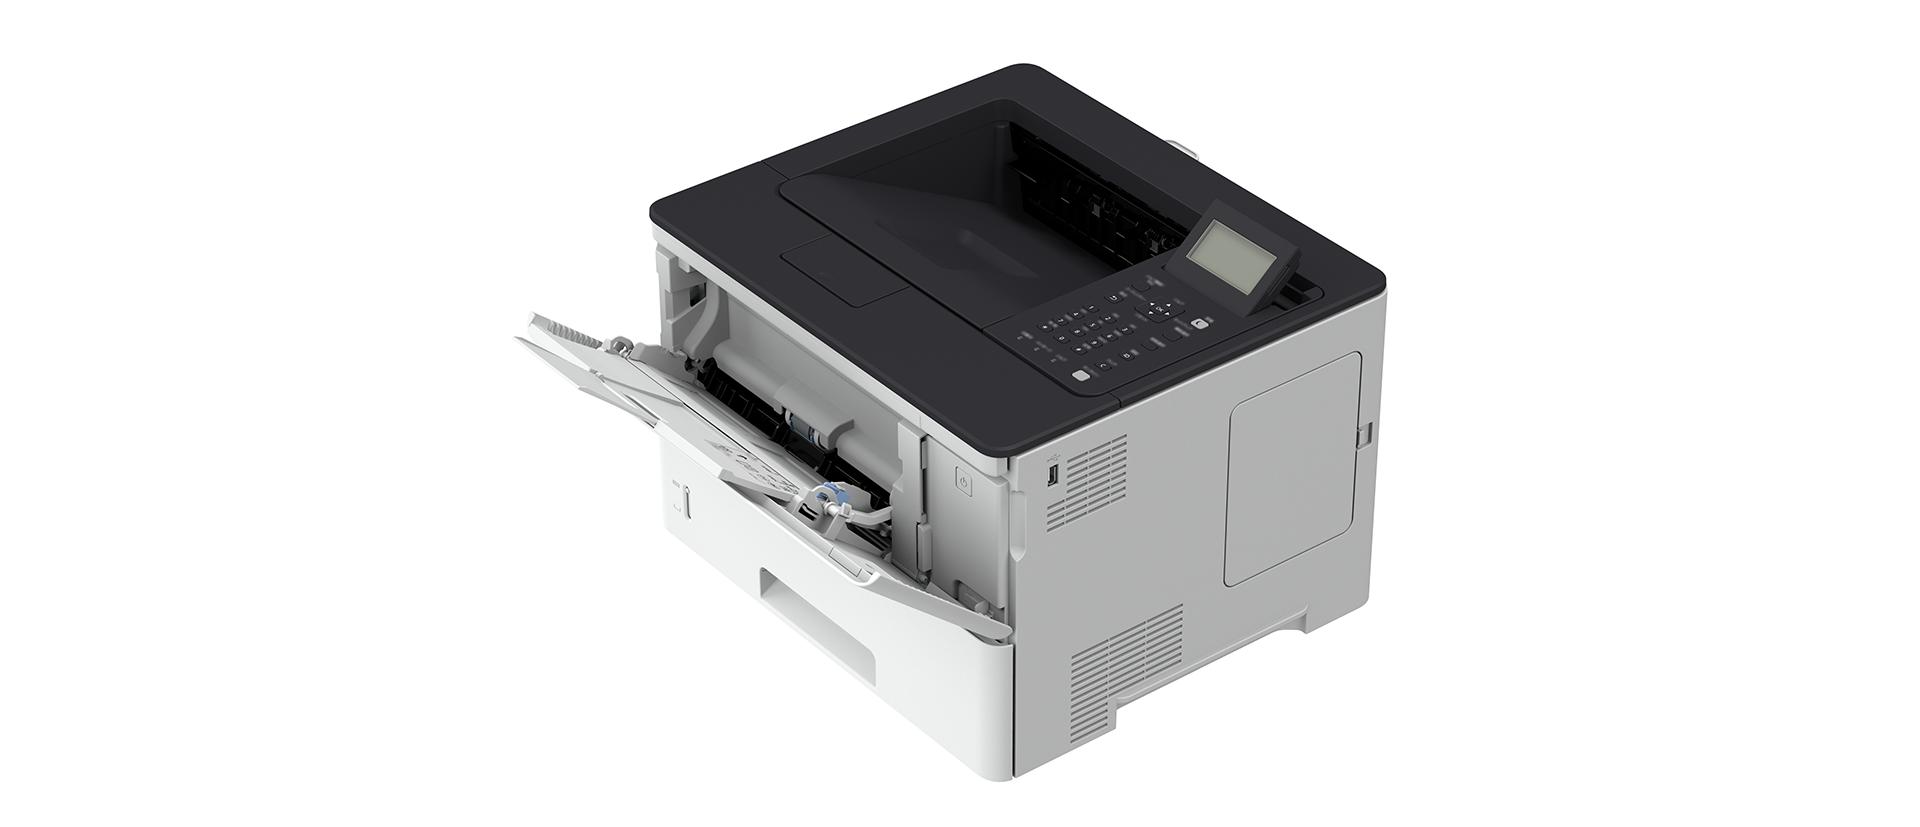 От домашнего офиса до корпорации: новые лазерные устройства из линейки Canon i-SENSYS - 10